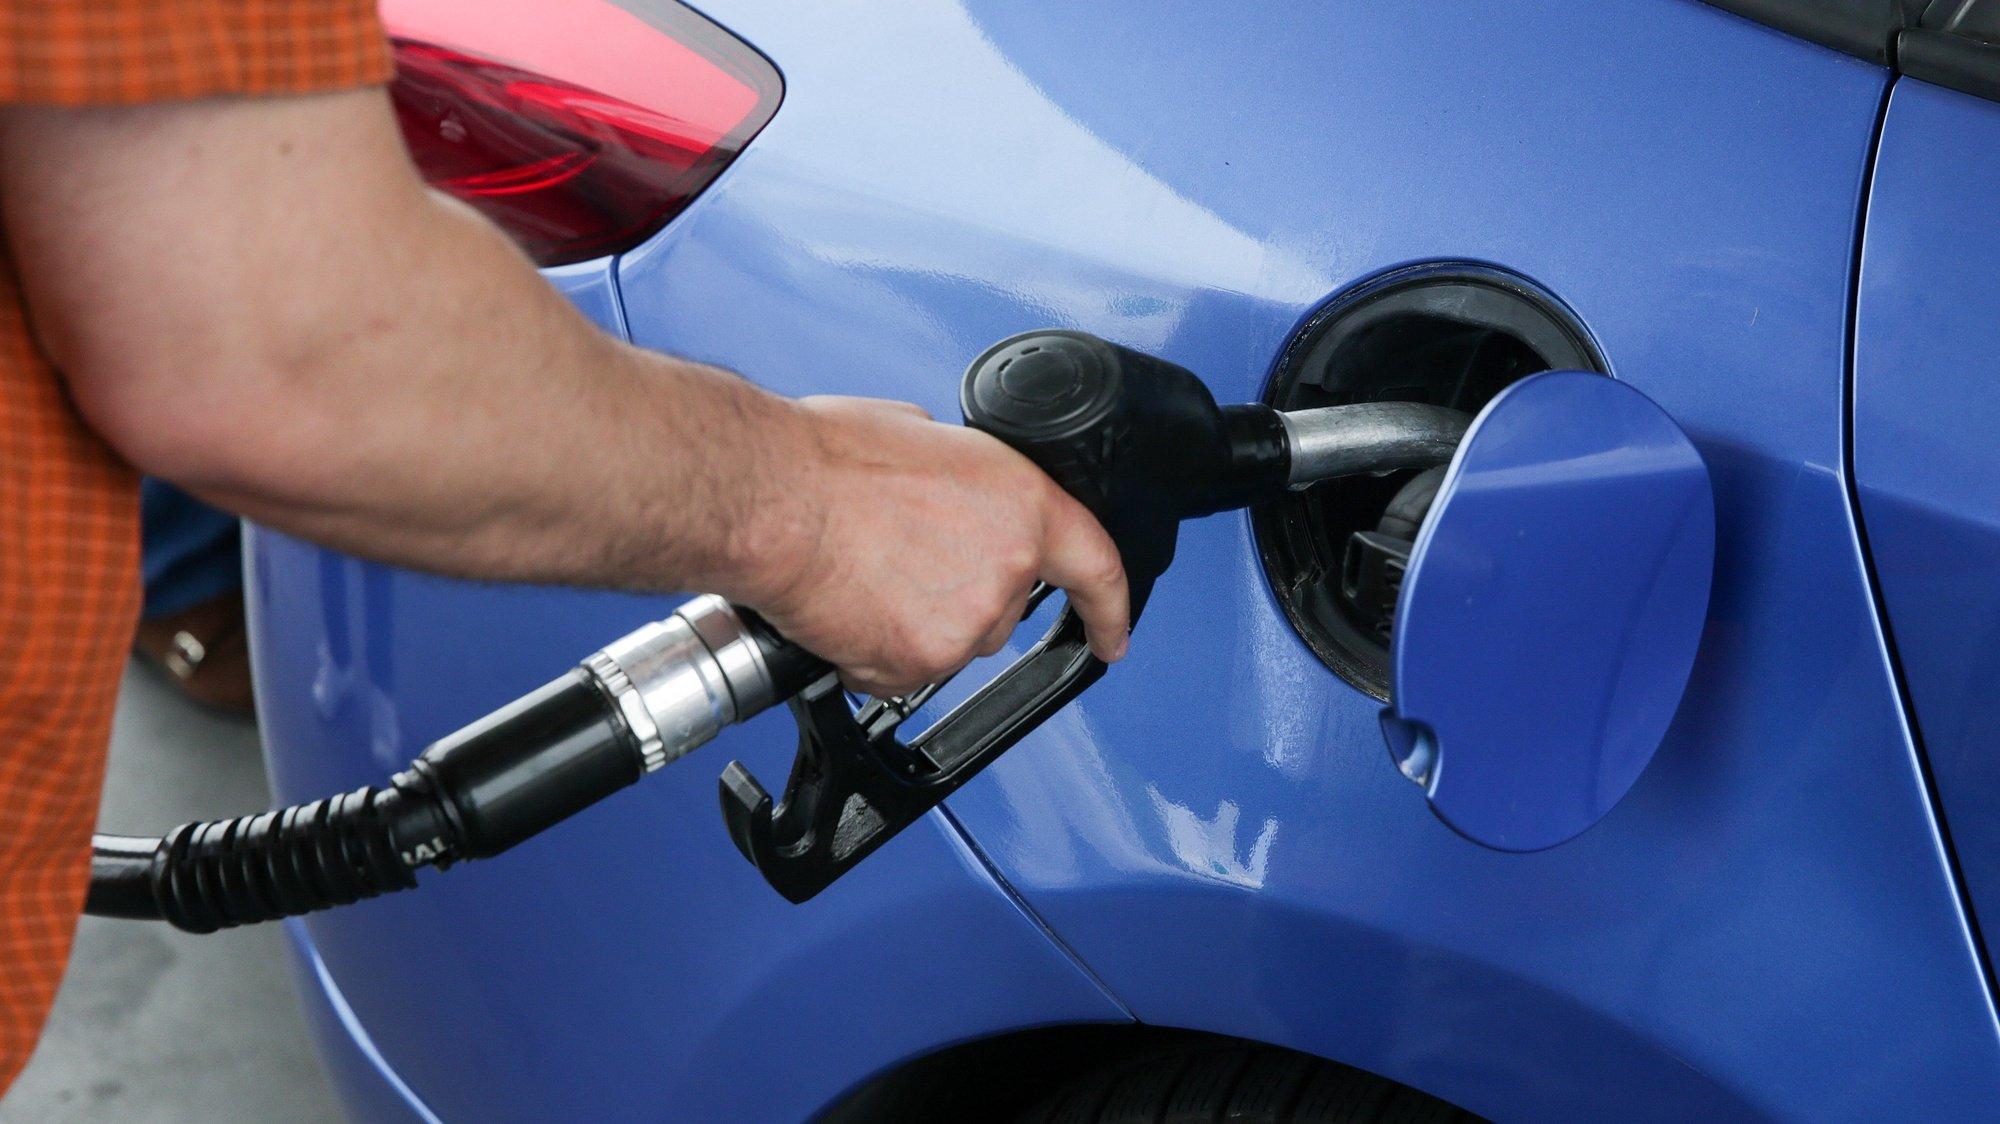 Um condutor abastece o seu automóvel num posto  de combustível em São Domingos de Rana, Cascais, 07 de julho de 2018. INÁCIO ROSA/LUSA